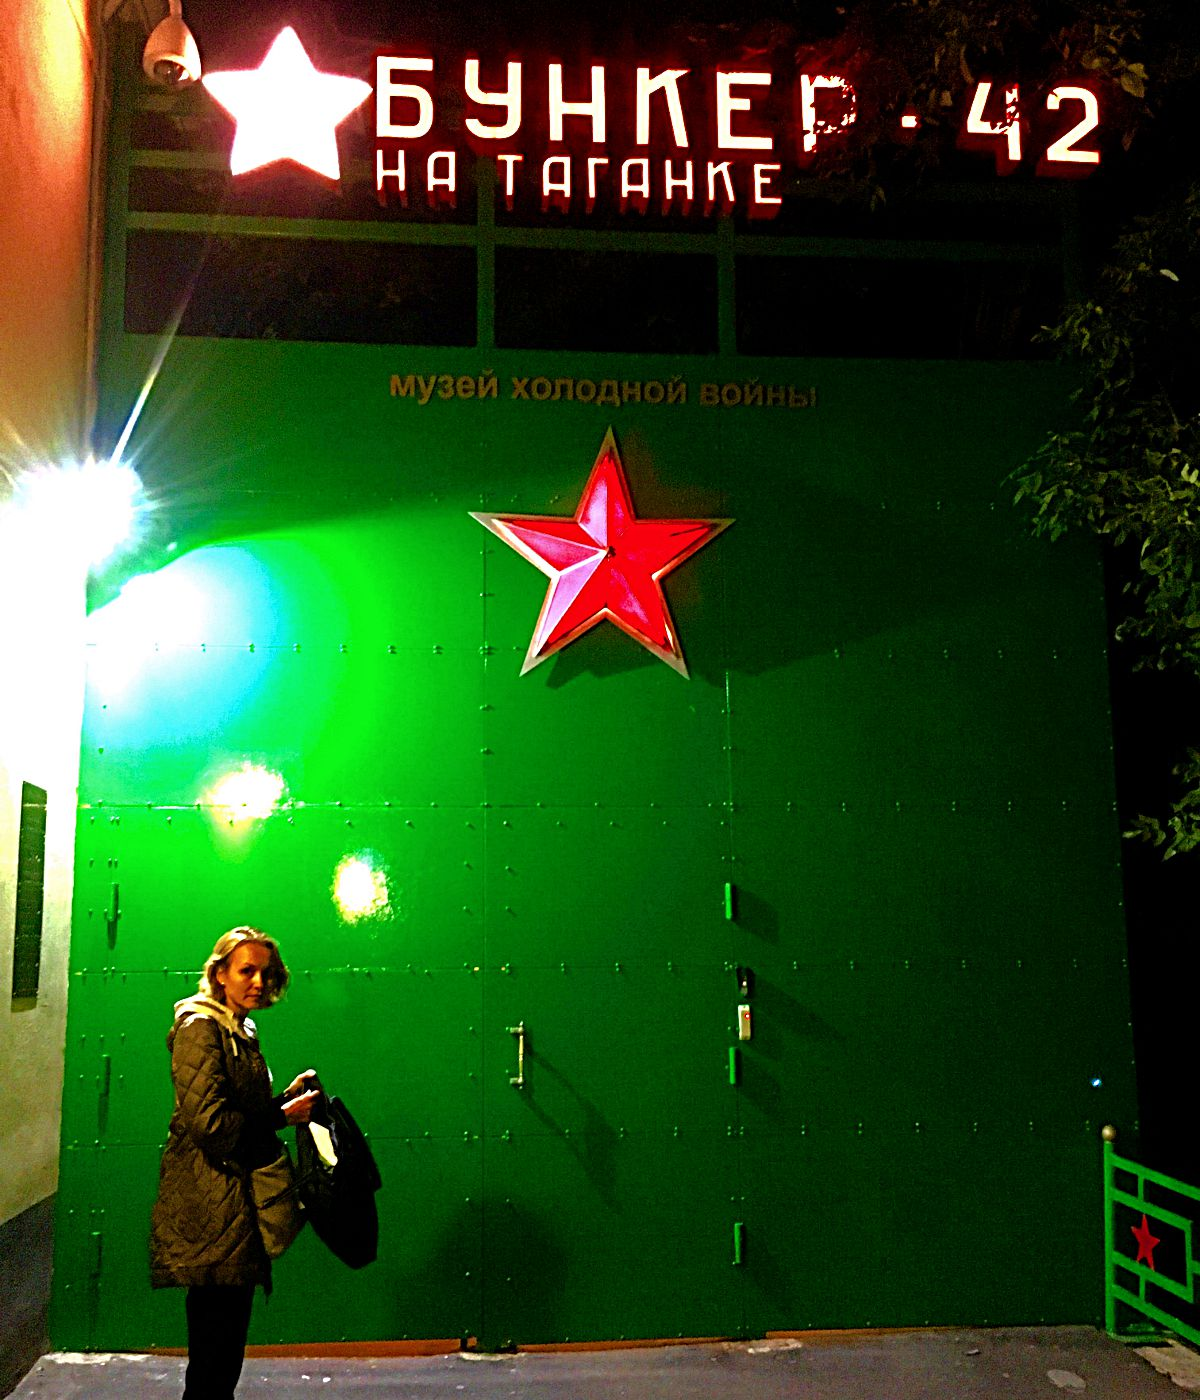 Das ist das Eingangstor zum Bunker 42 - welcher heute ein Museum über den Kalten Krieg ist. (Foto: Ruti)